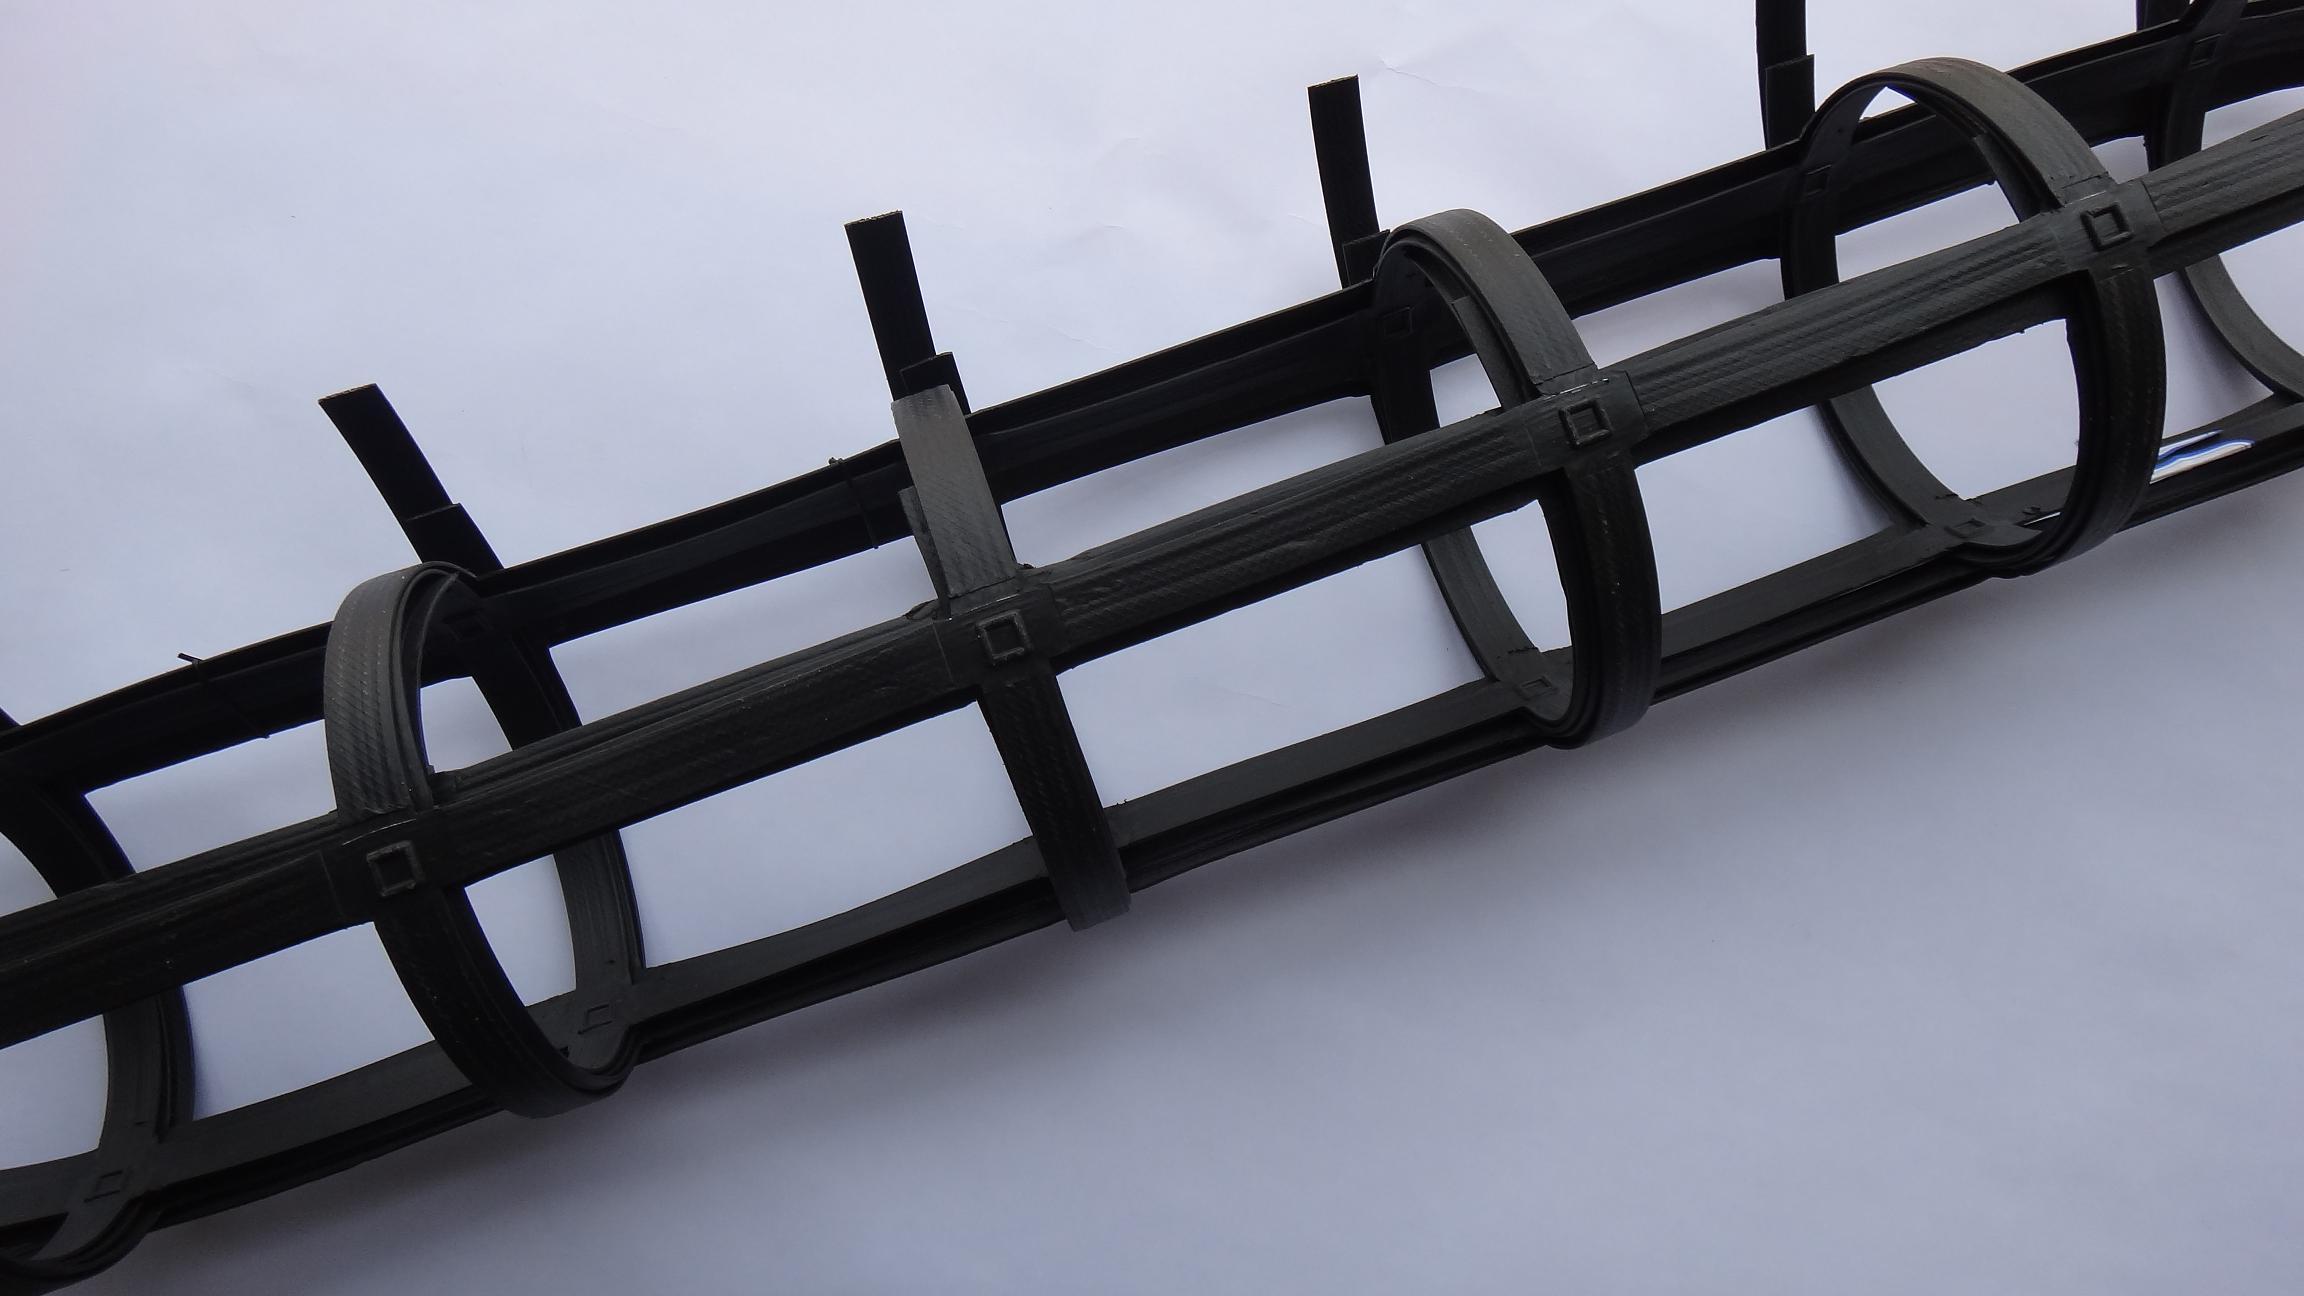 在软弱地基上利用土工合成材料加筋可防止地基沉降